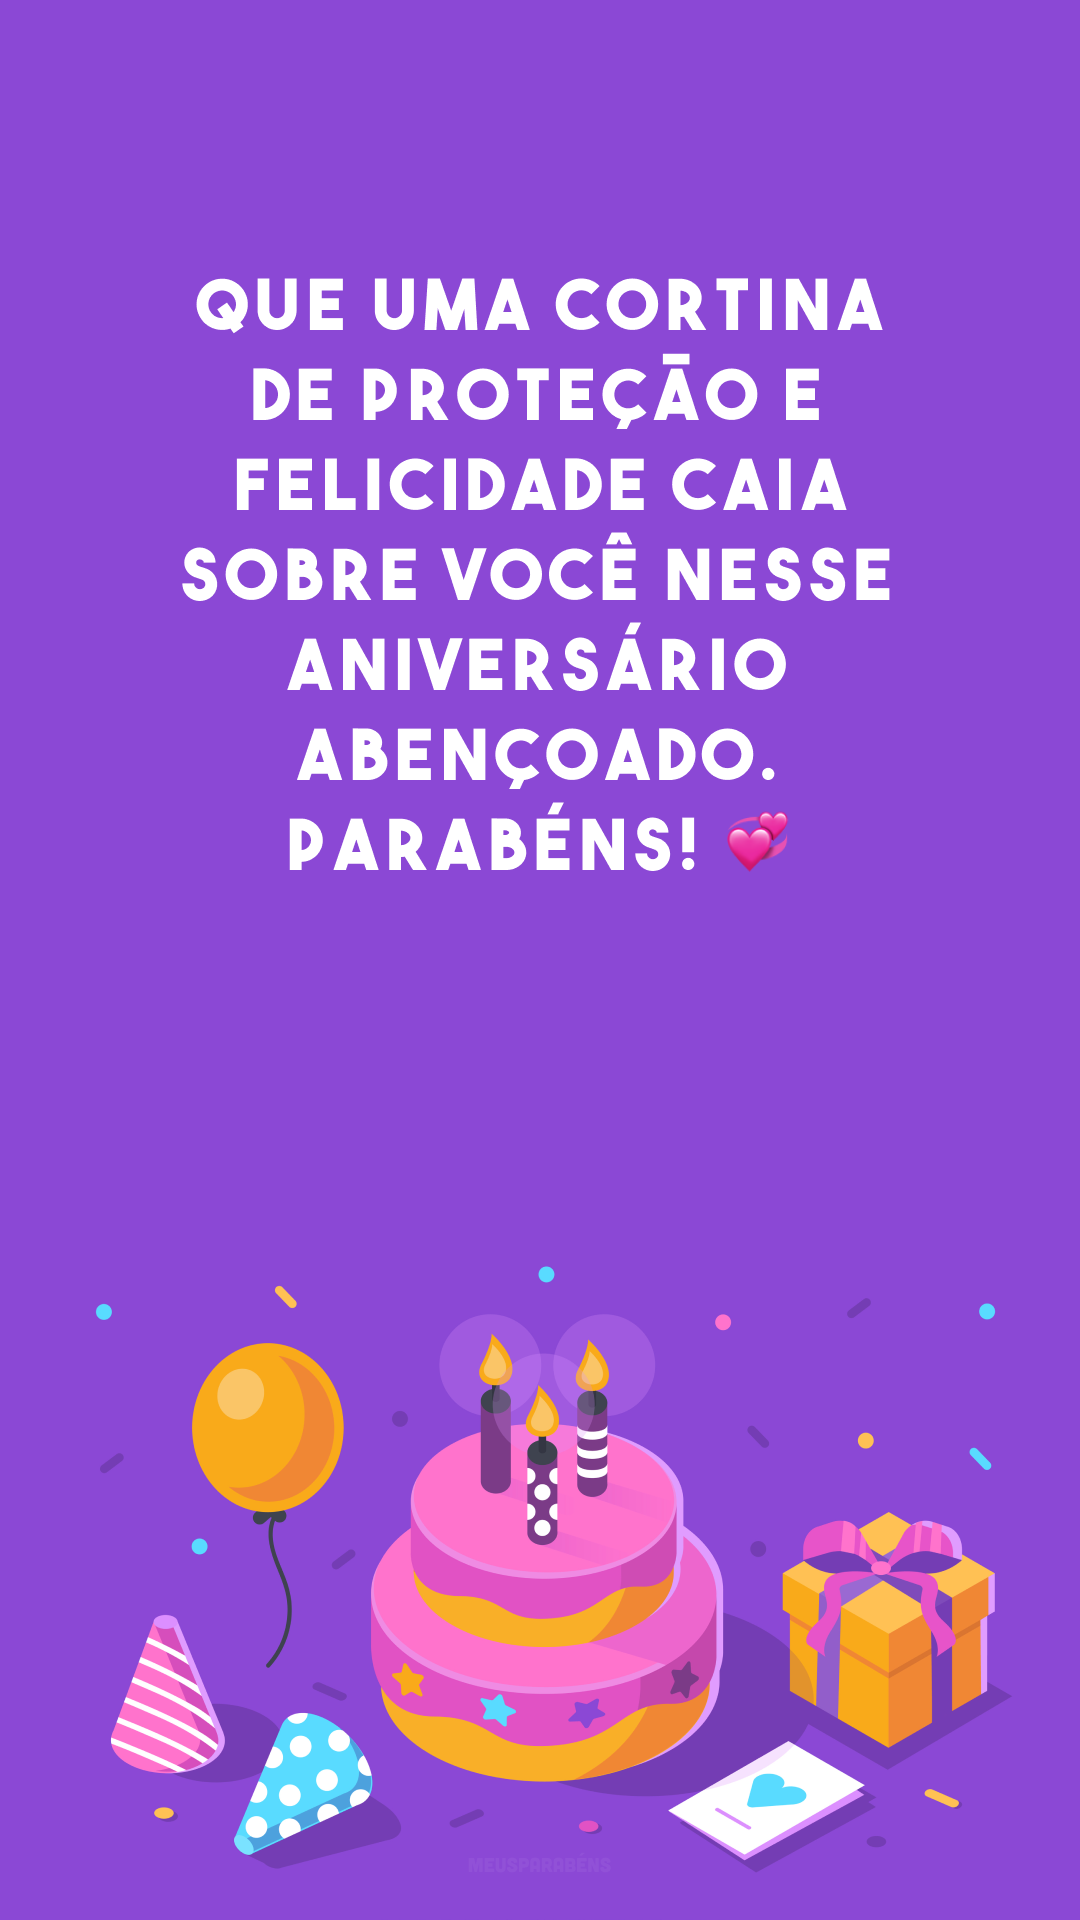 Que uma cortina de proteção e felicidade caia sobre você nesse aniversário abençoado. Parabéns! 💞